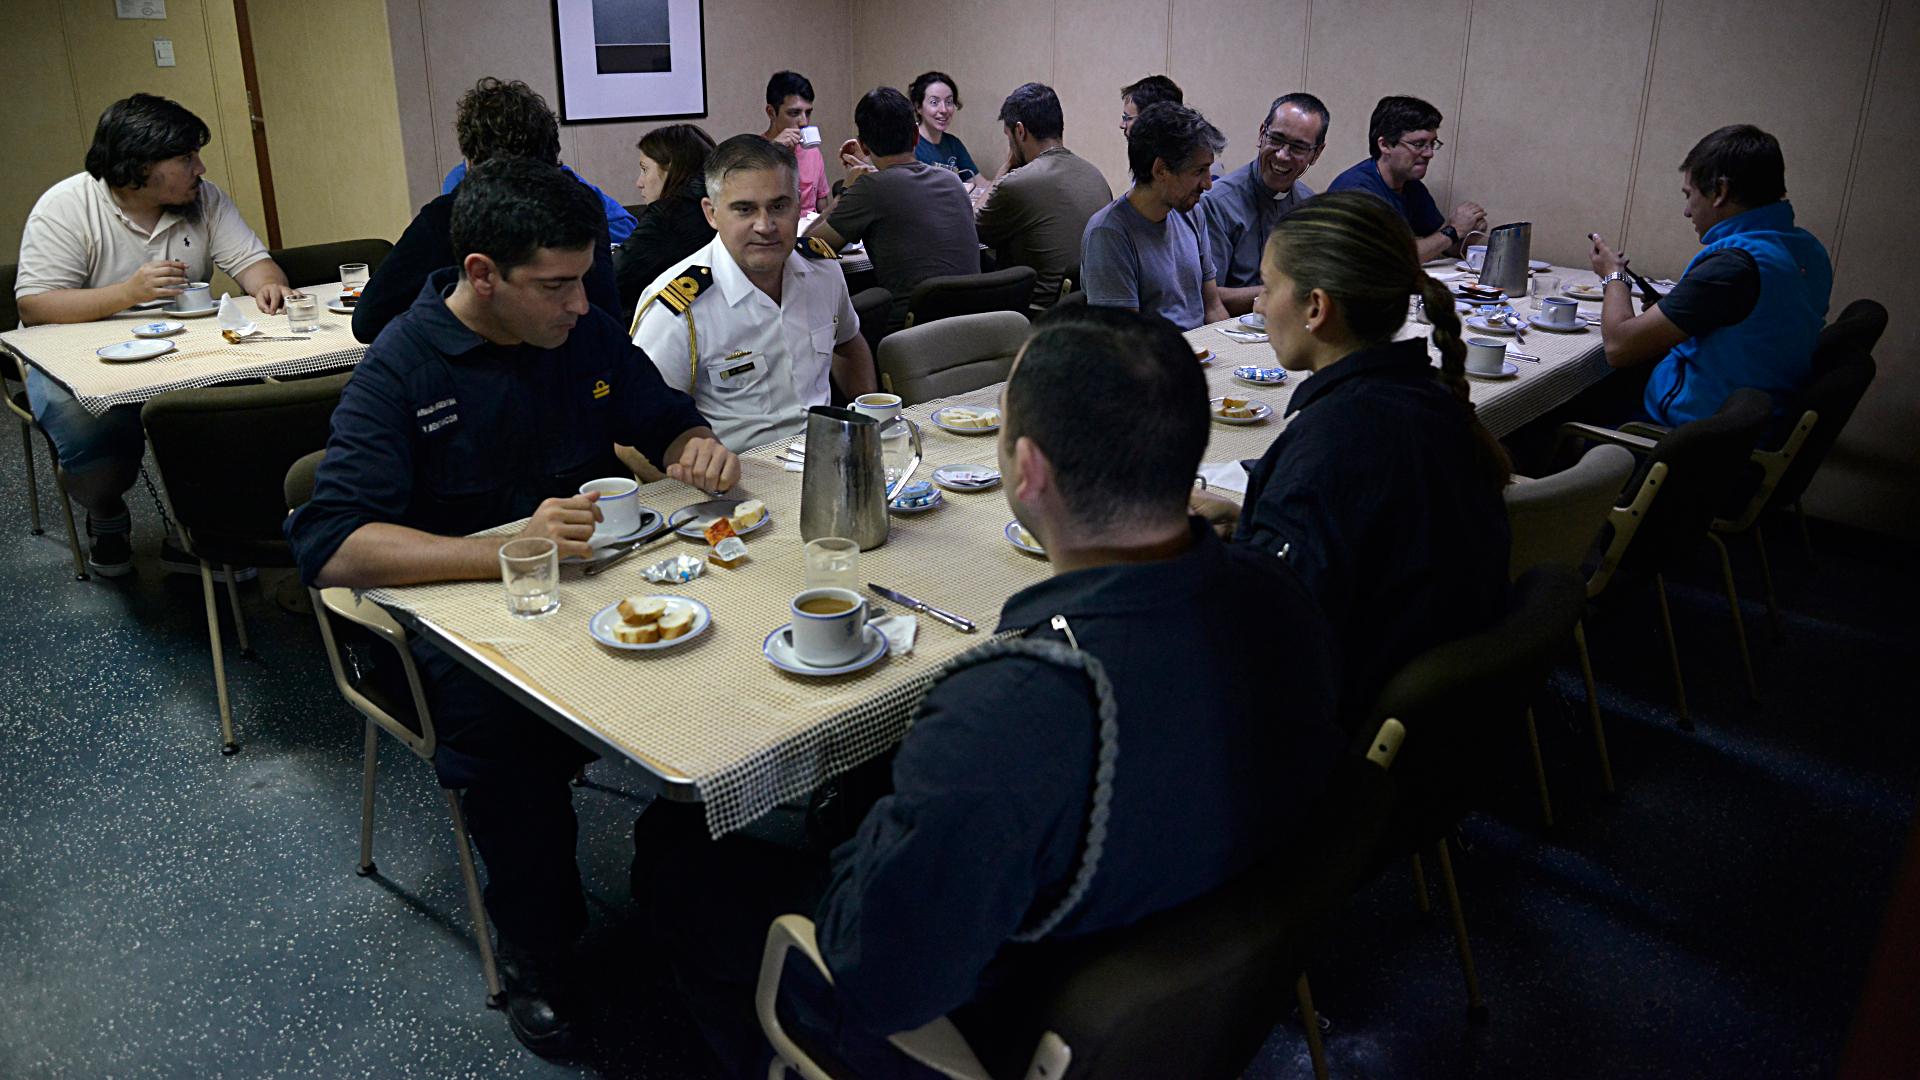 Los tripulantes del buque desayunan en el comedor del Irízar